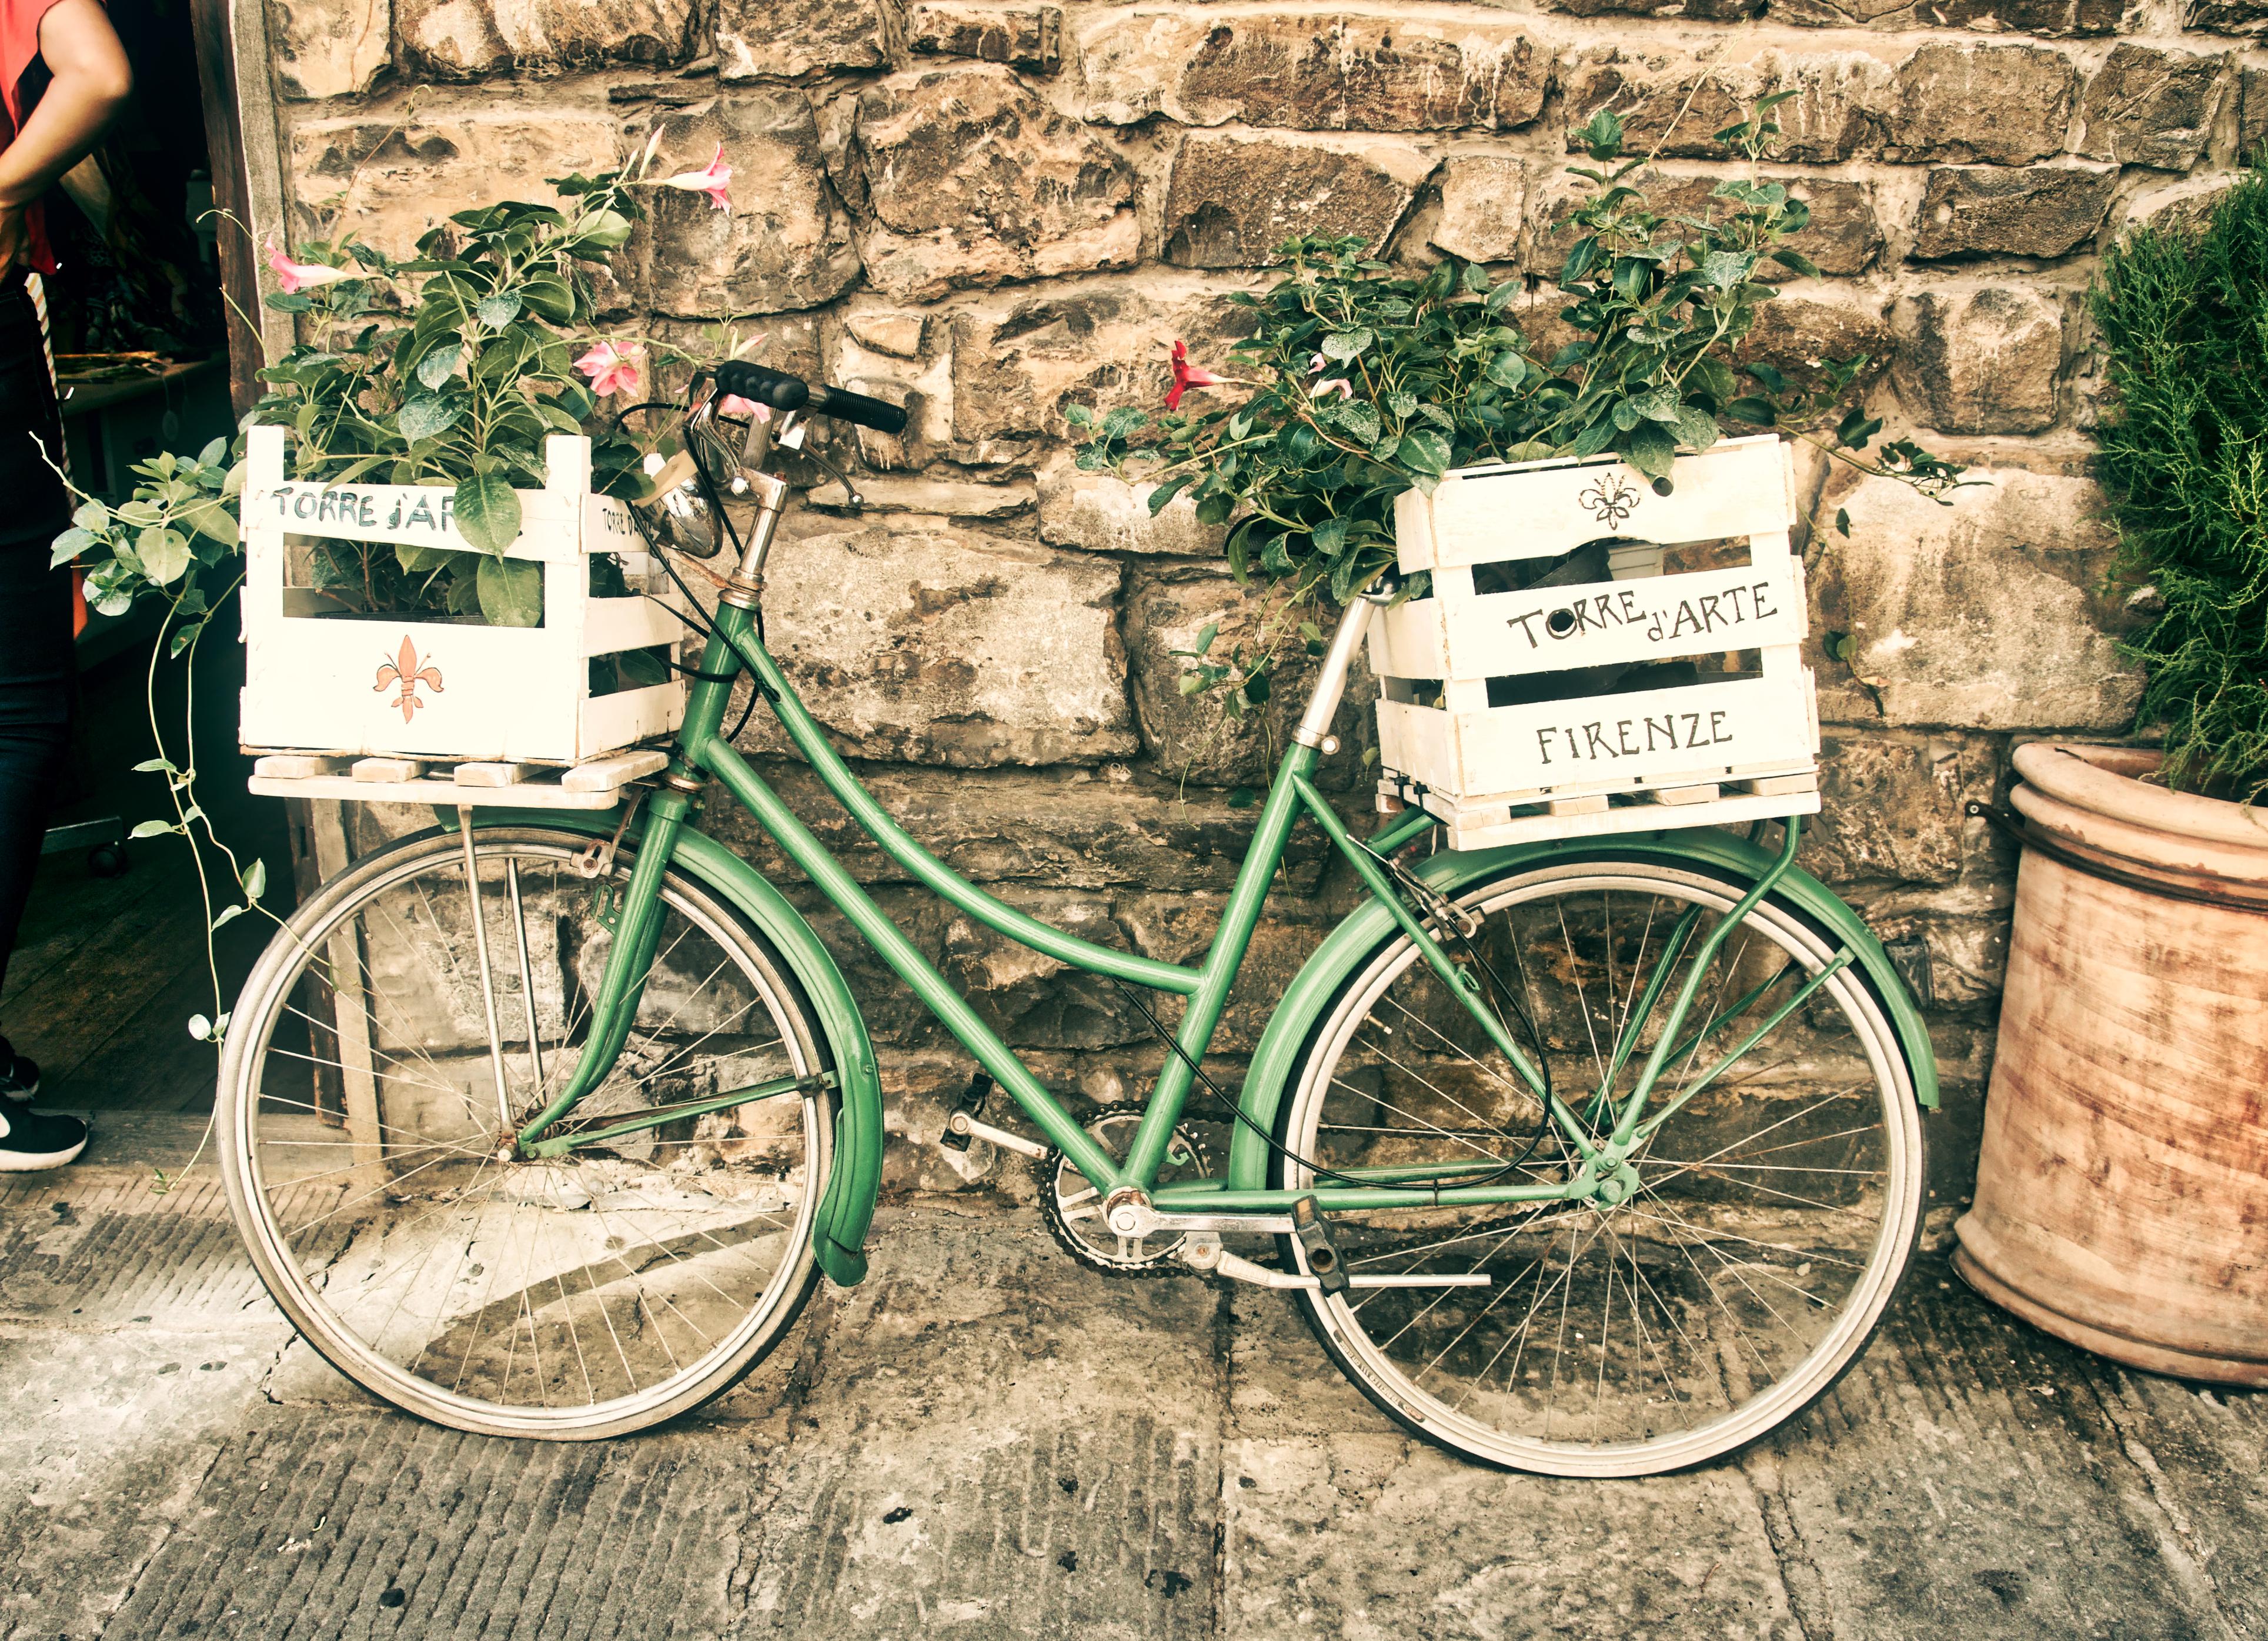 Bicicleta verde con flores.